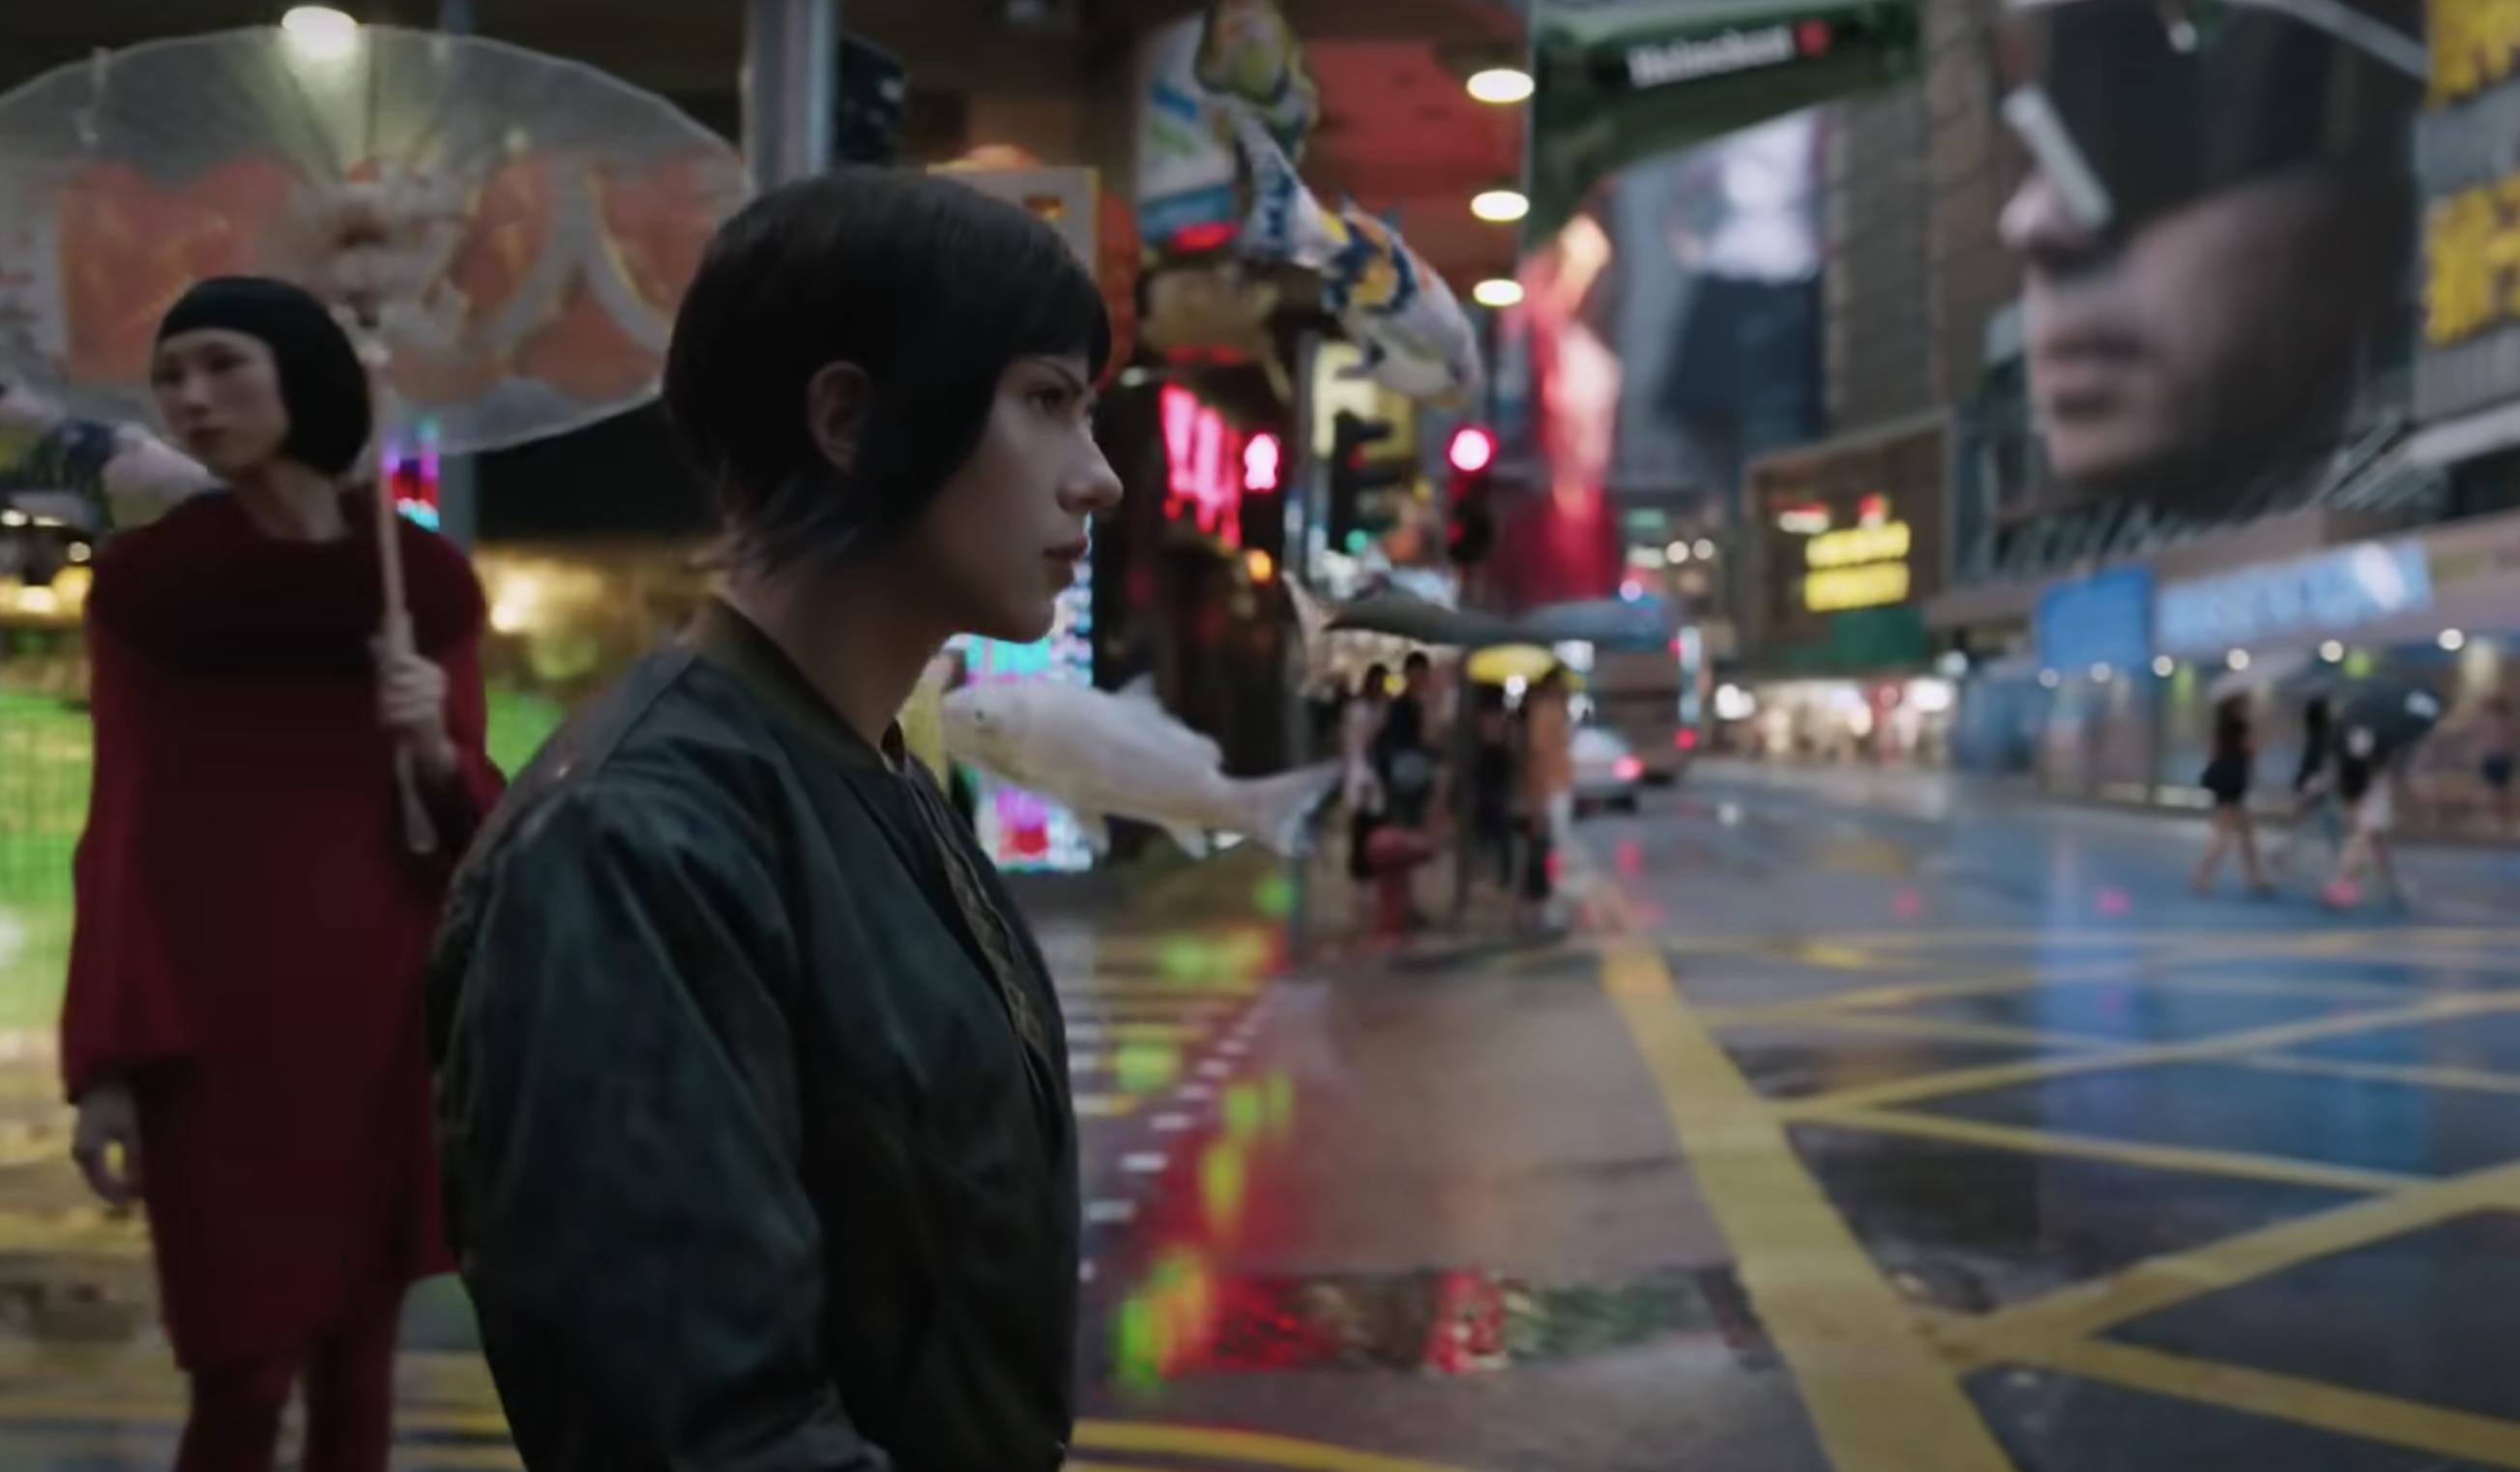 Scarlett Johansson's character walks past shops on a street in Japan